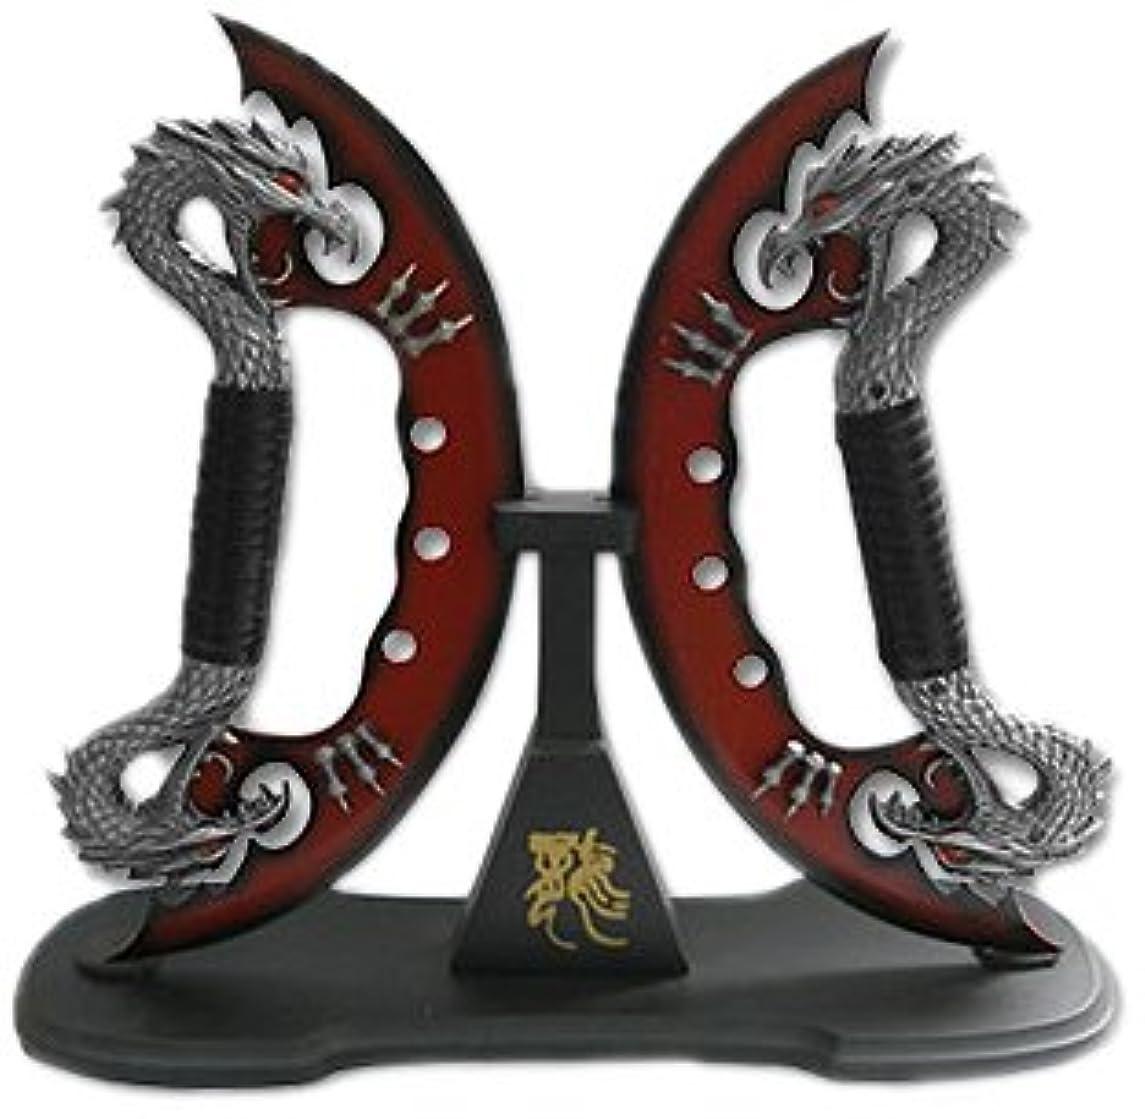 BladesUSA Hk-110 Fantasy Dragon Knife Display 24-Inch Overall